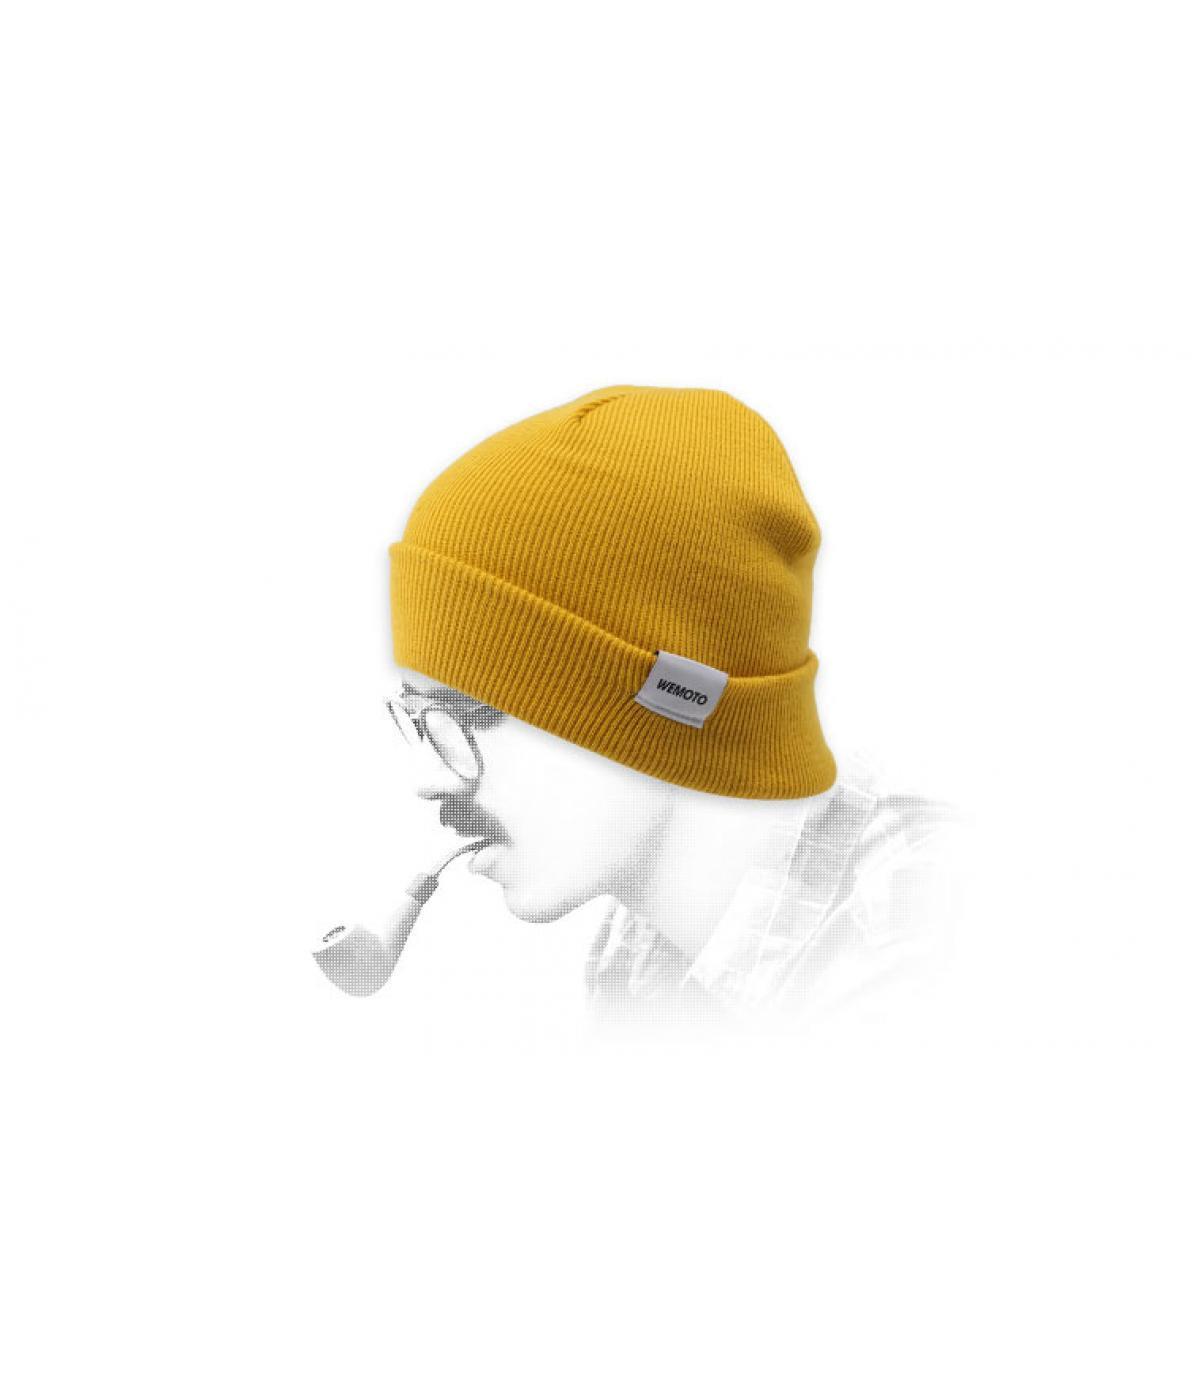 Mütze mit Rand gelb Wemoto